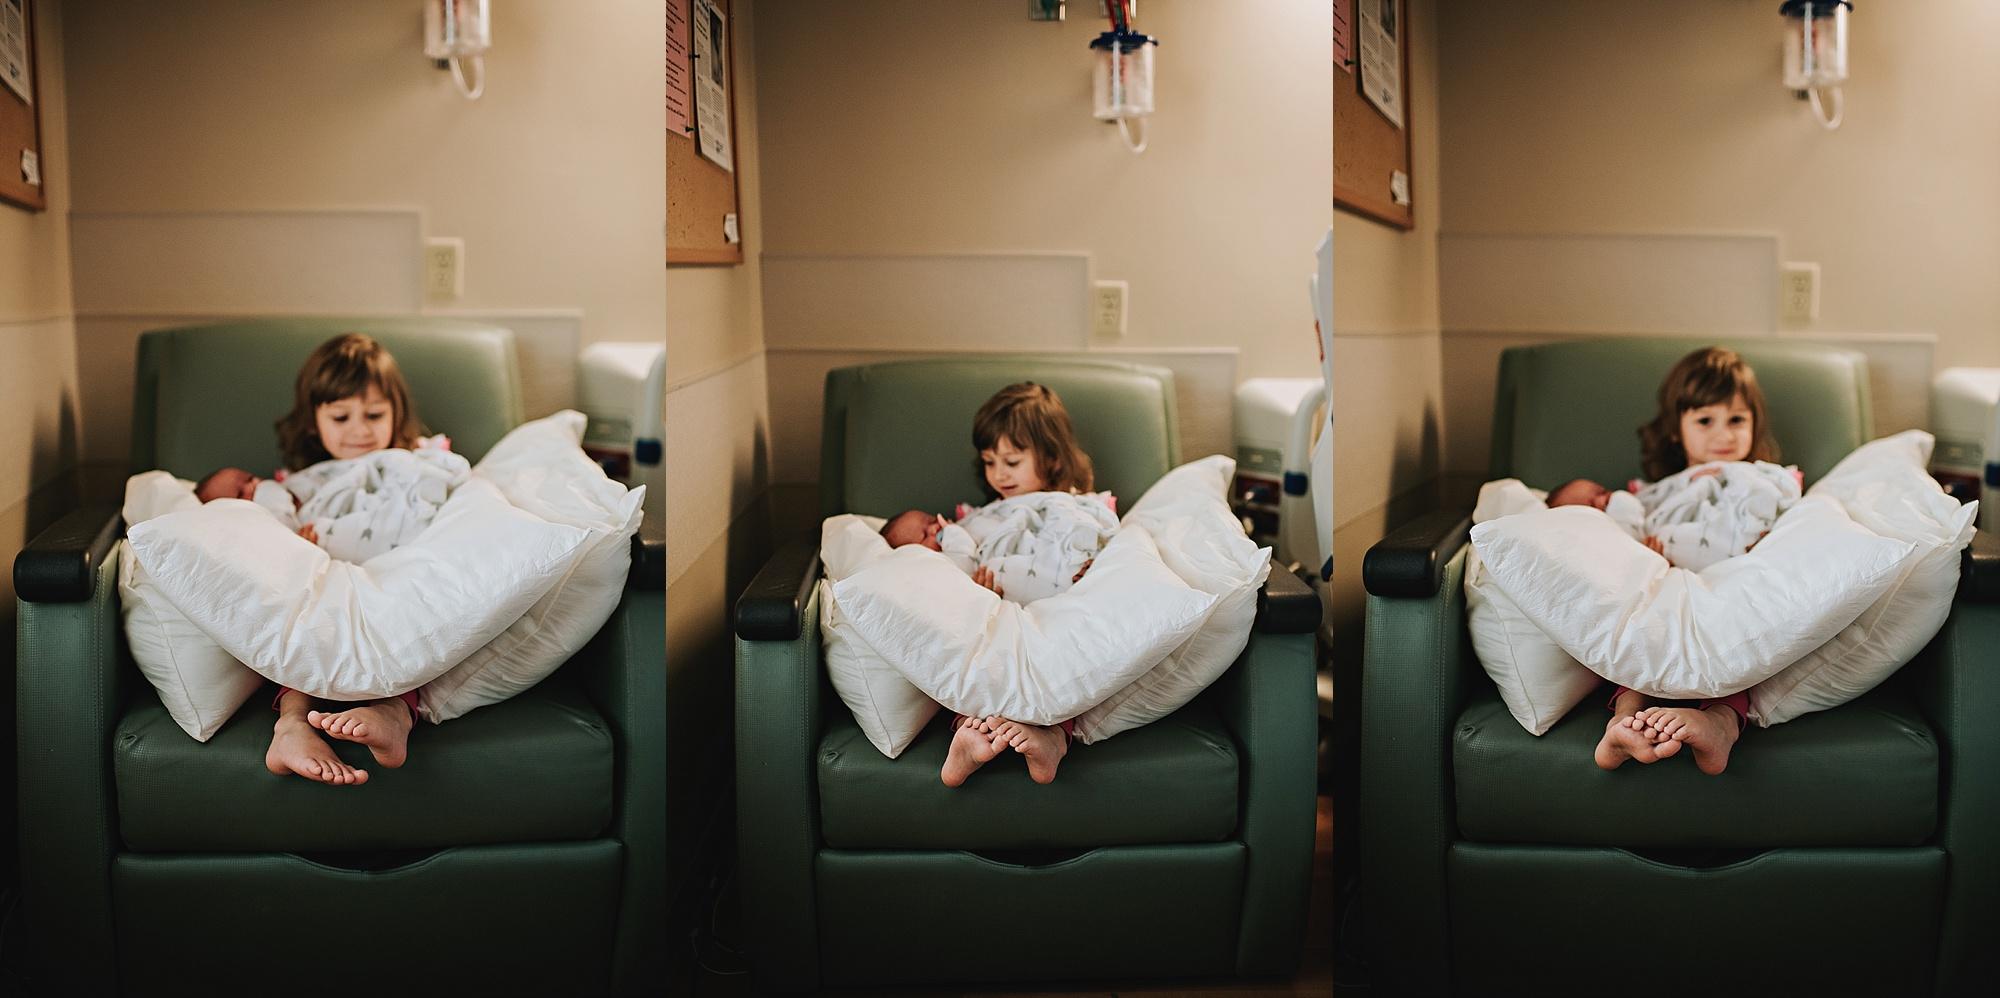 Dudones-family-cleveland-photographer-lauren-grayson-fresh-48-session_0039.jpg